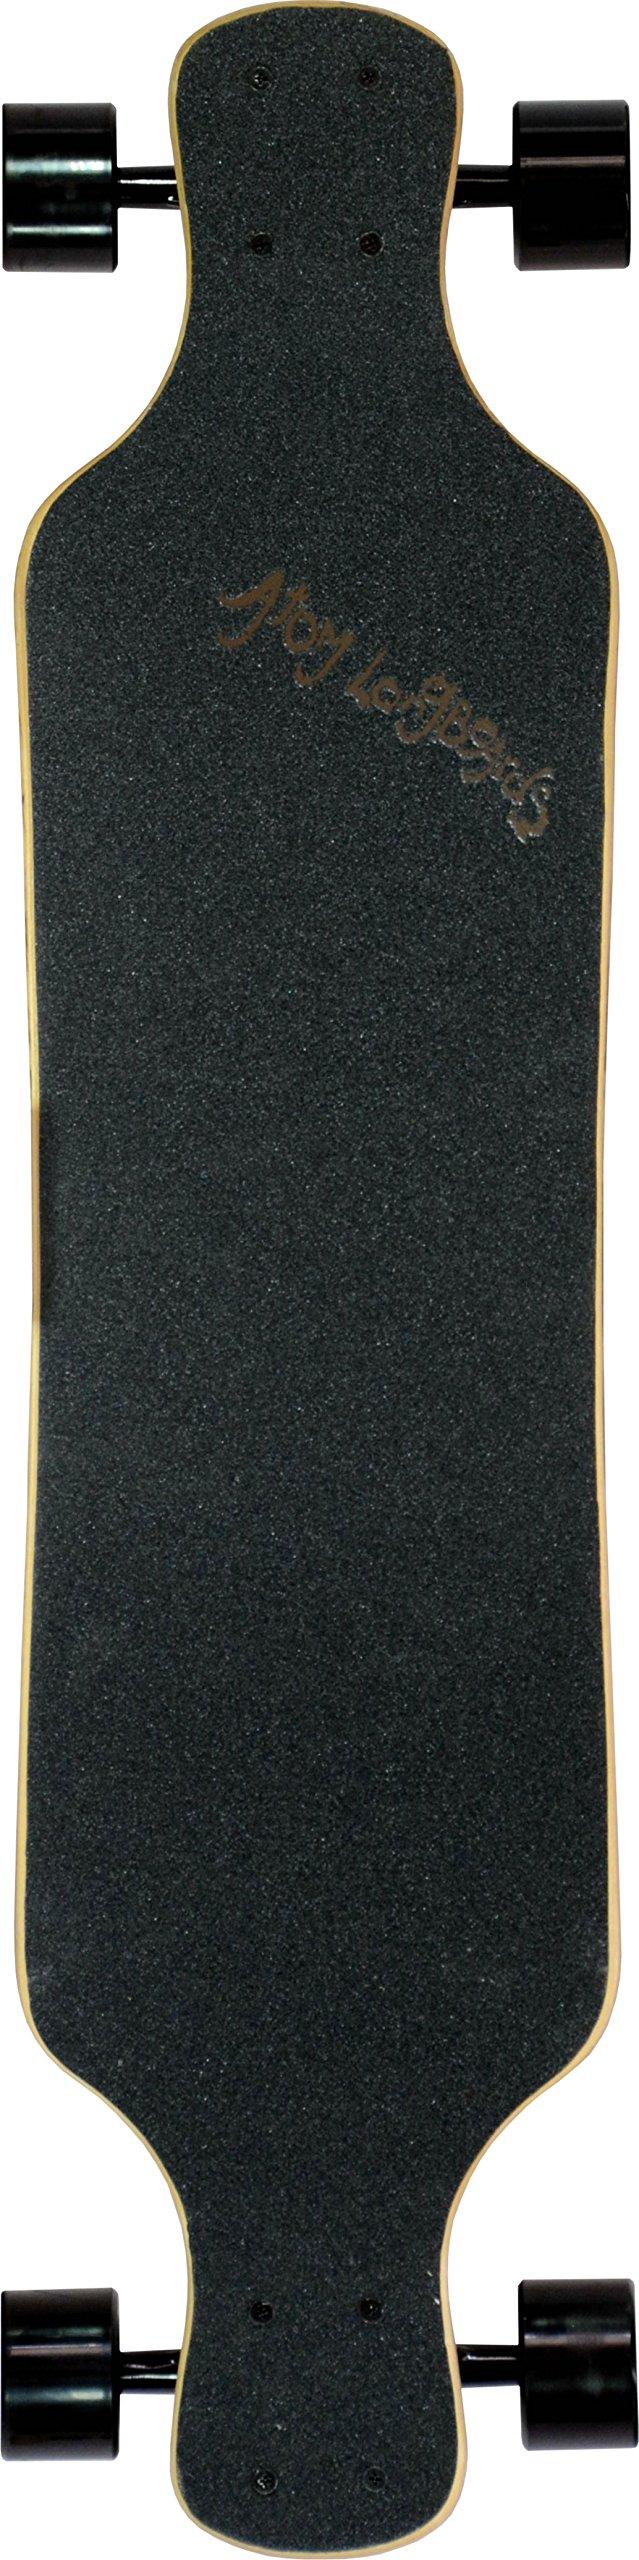 Atom Longboards Atom Drop Deck Longboard - 39'', Octopus by Atom Longboards (Image #6)